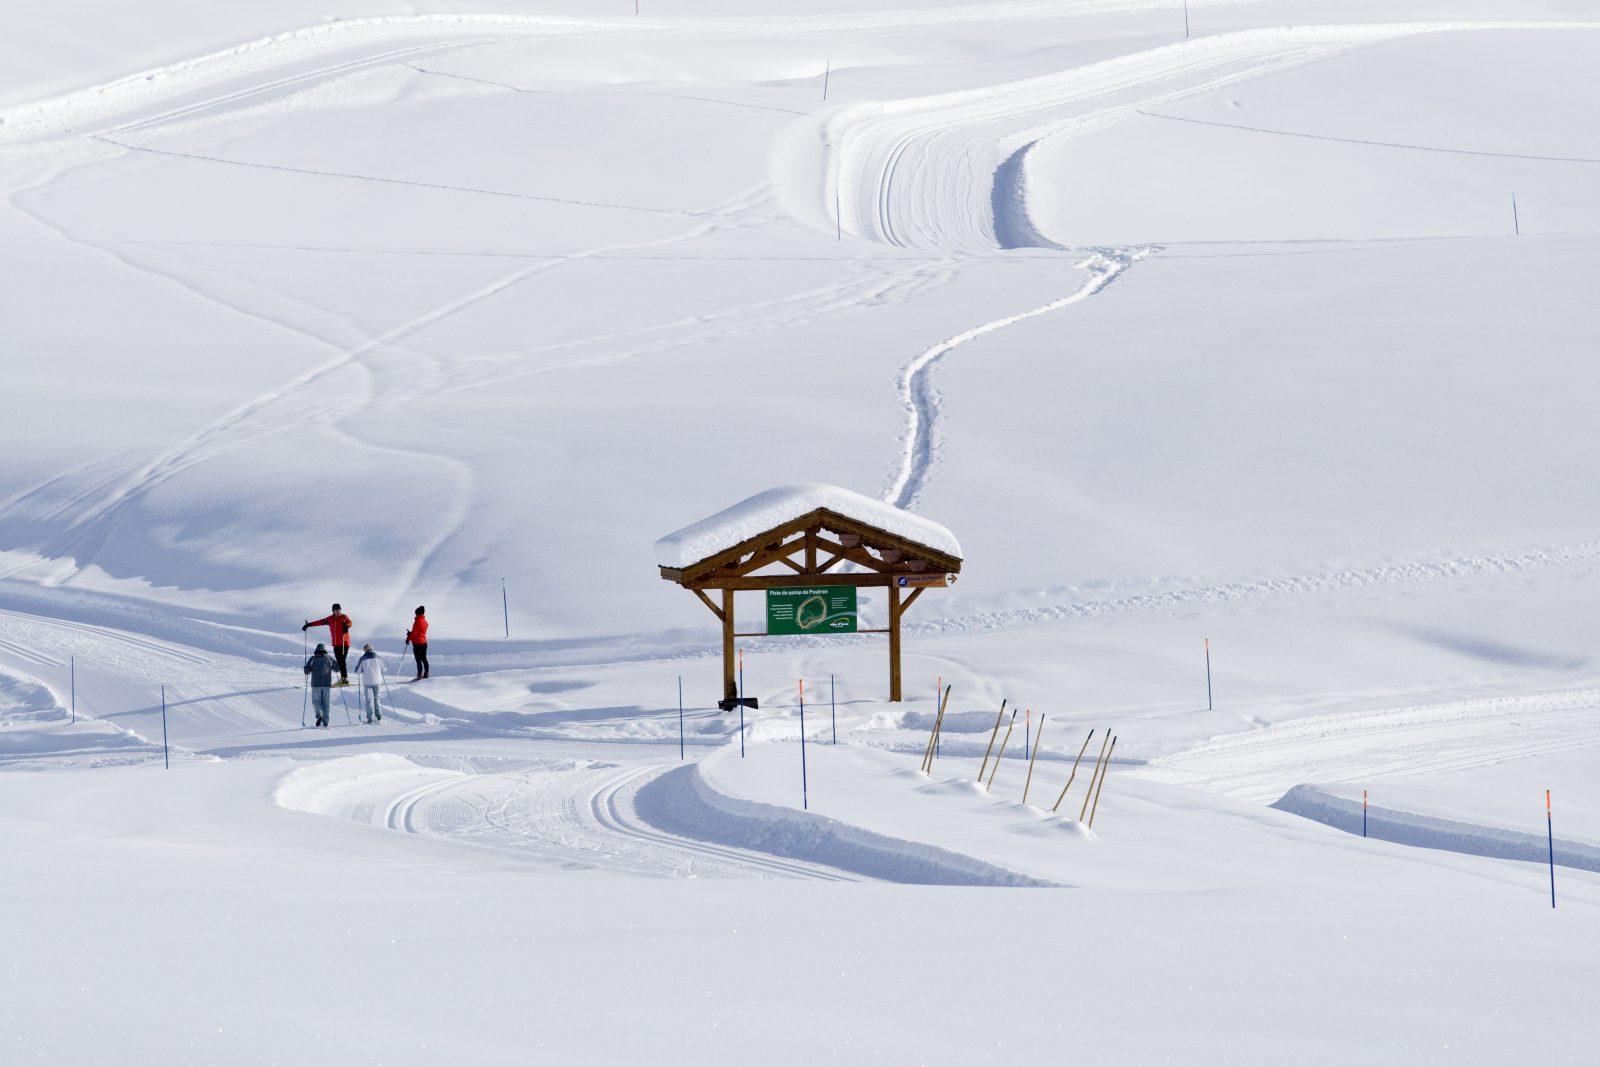 Domaine nordique de l'Alpe d'Huez (2)